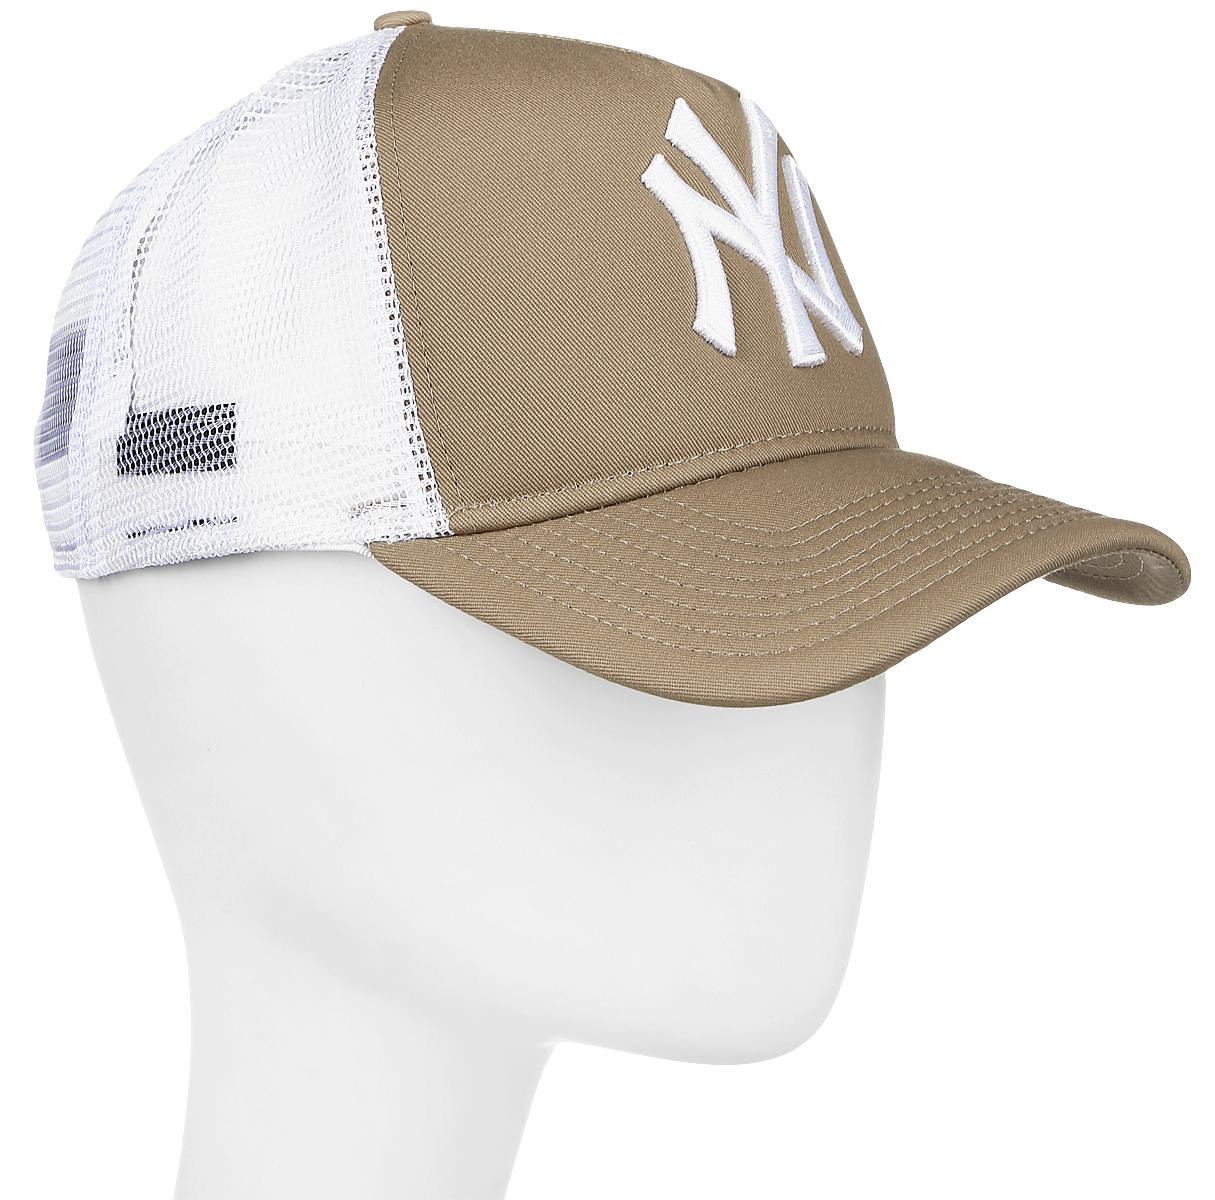 Бейсболка11379802-KHIМодная бейсболка New Era, выполненная из высококачественного материала, идеально подойдет для прогулок, занятий спортом и отдыха. Изделие оформлено объемным вышитым логотипом знаменитой бейсбольной команды New York Yankees и логотипом бренда New Era, сзади купол кепки исполнен из сетки для большей воздухопроницаемости. Бейсболка надежно защитит вас от солнца и ветра. Эта модель станет отличным аксессуаром и дополнит ваш повседневный образ.